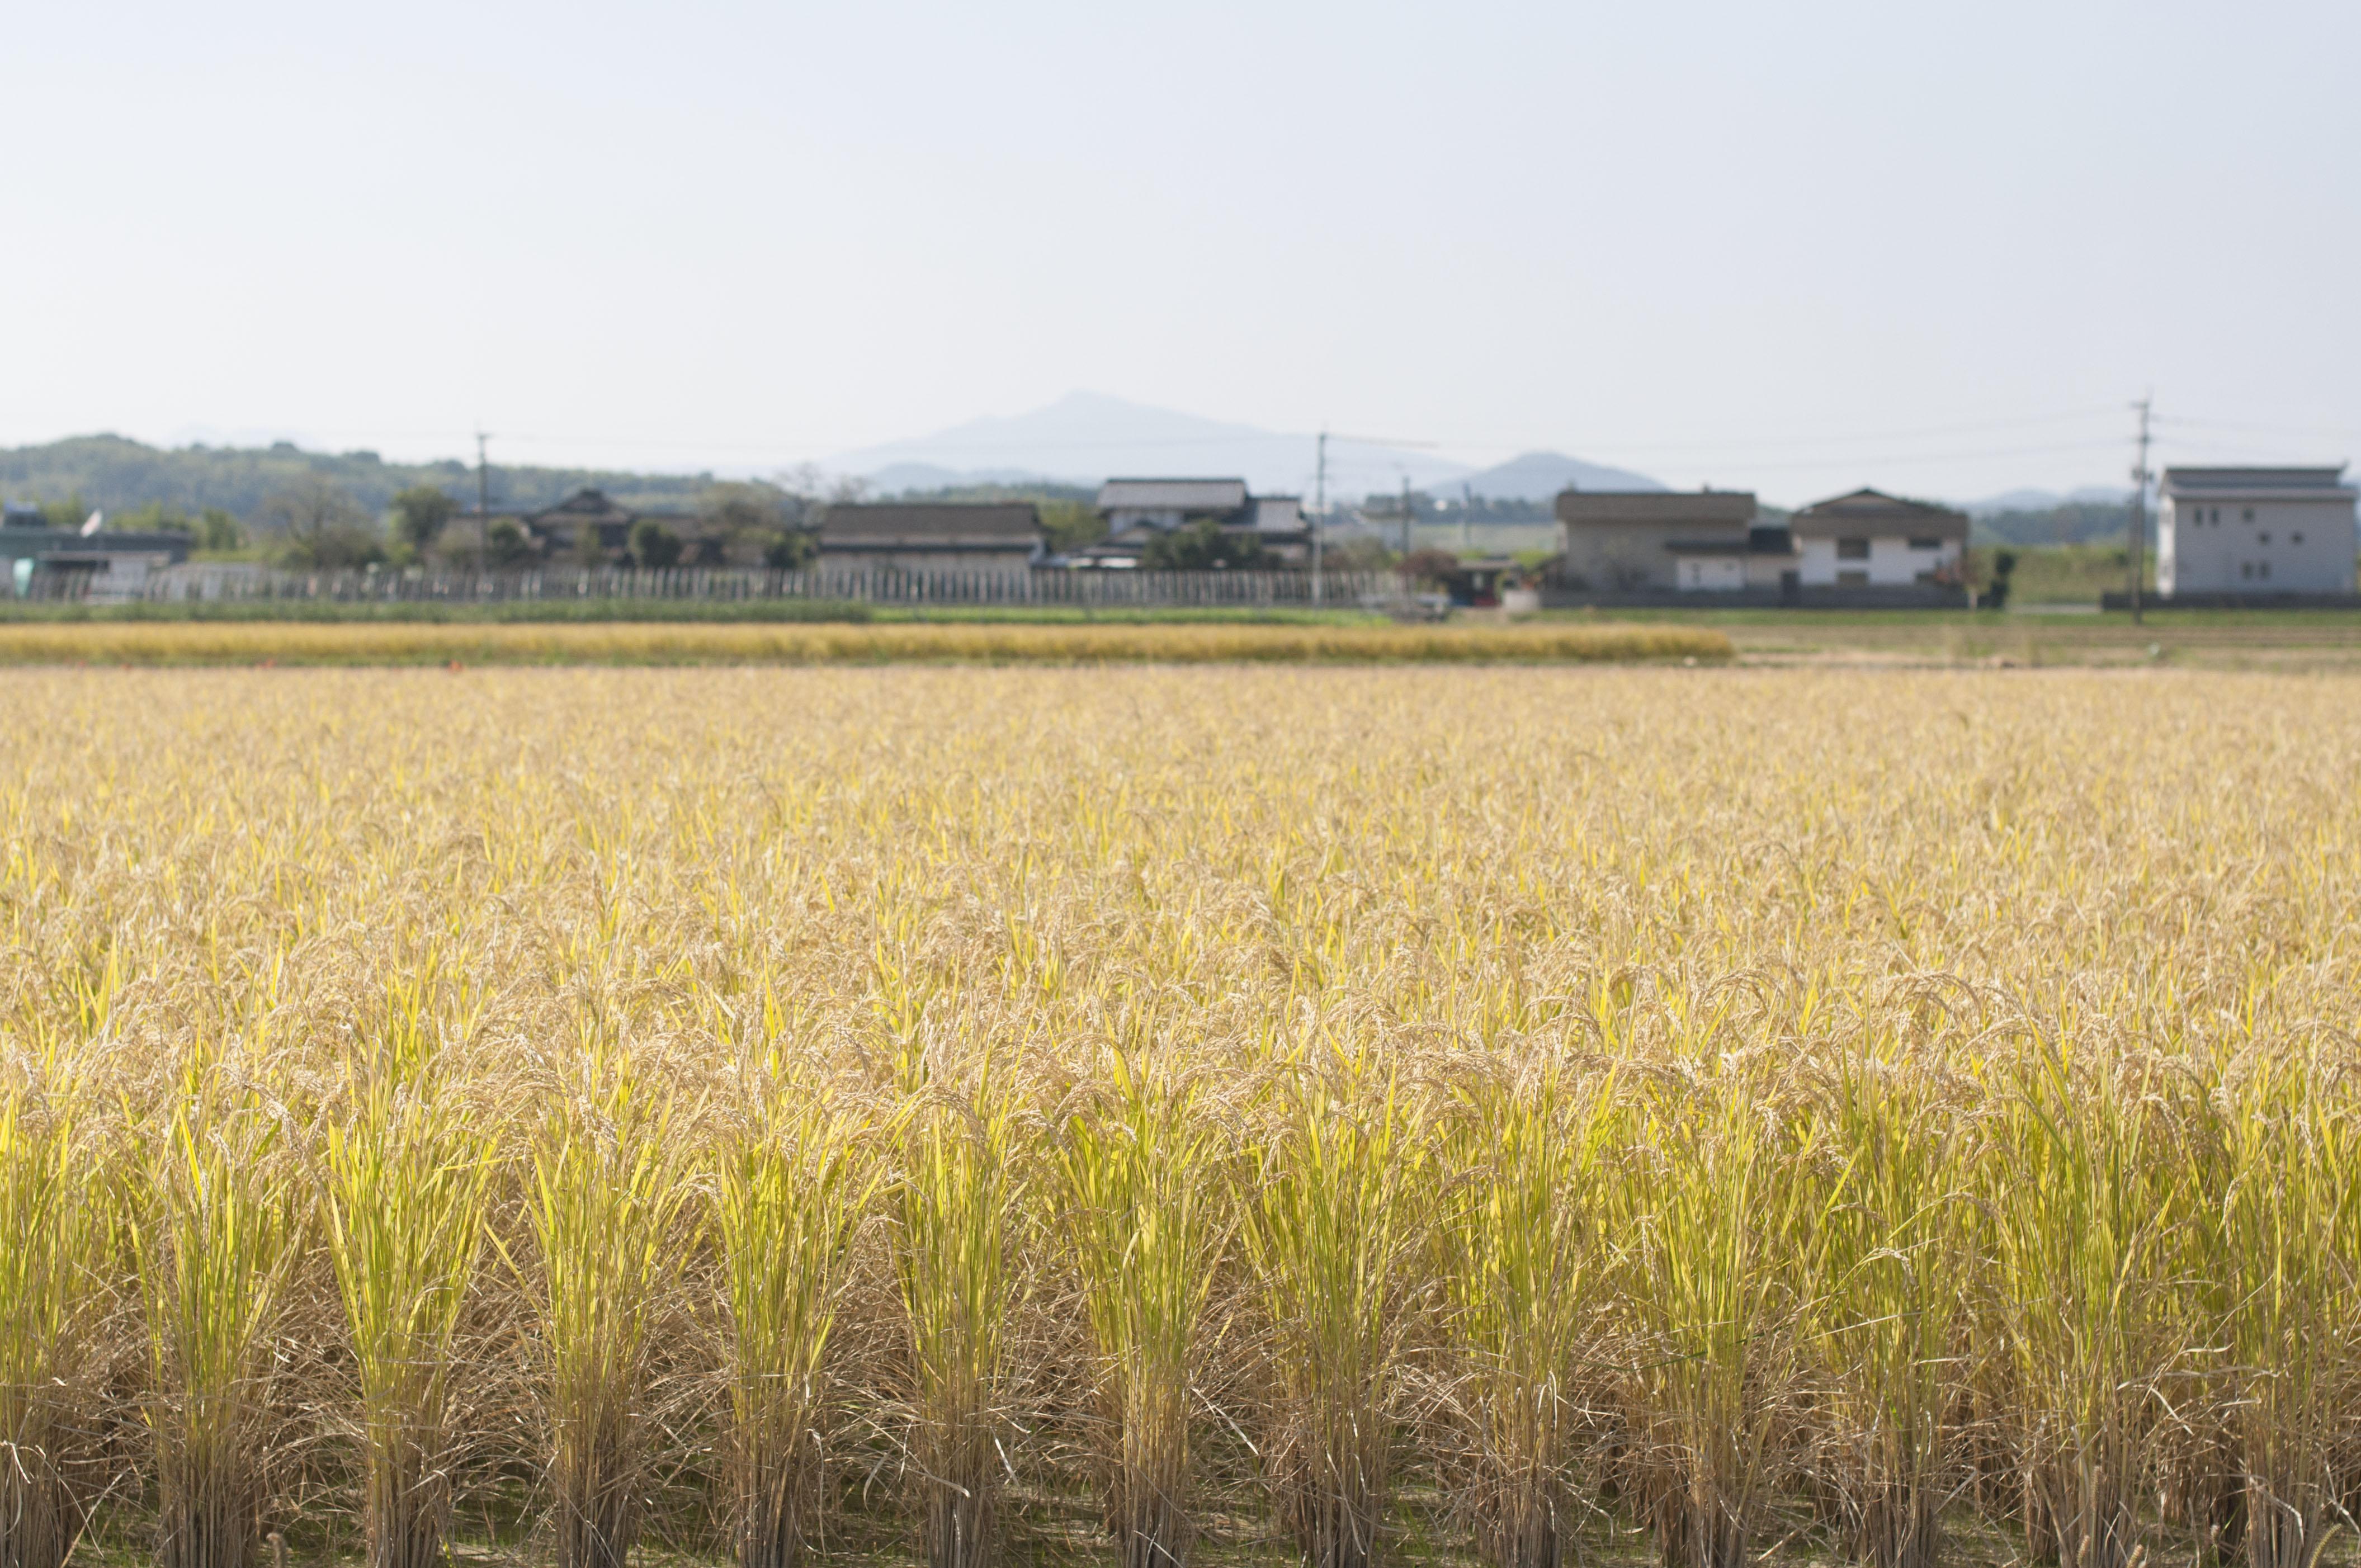 収穫前に、きれいにそろっている稲穂